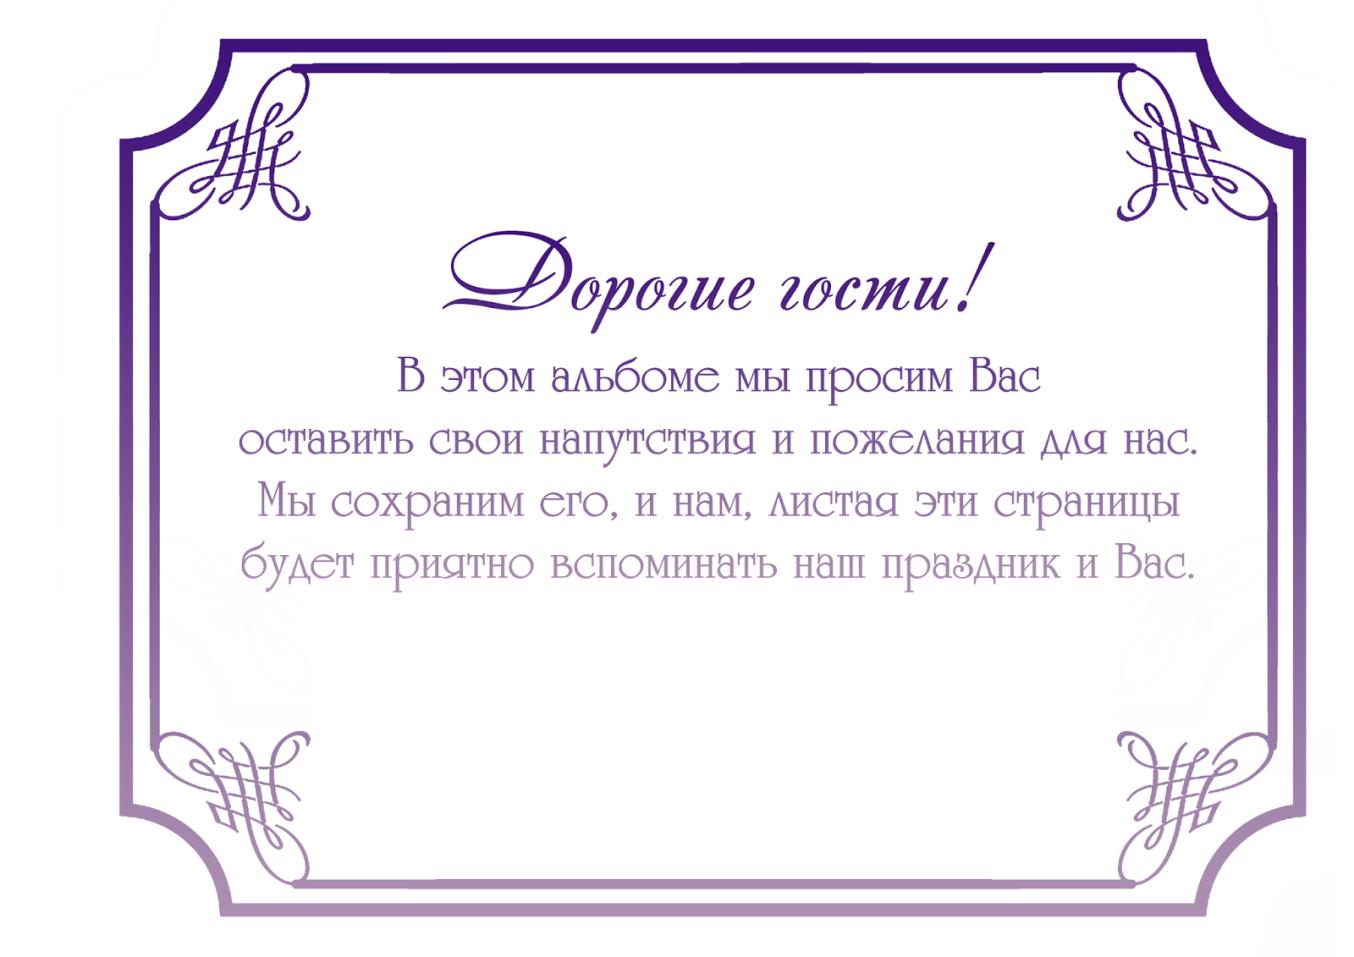 Поздравления на титульном листе